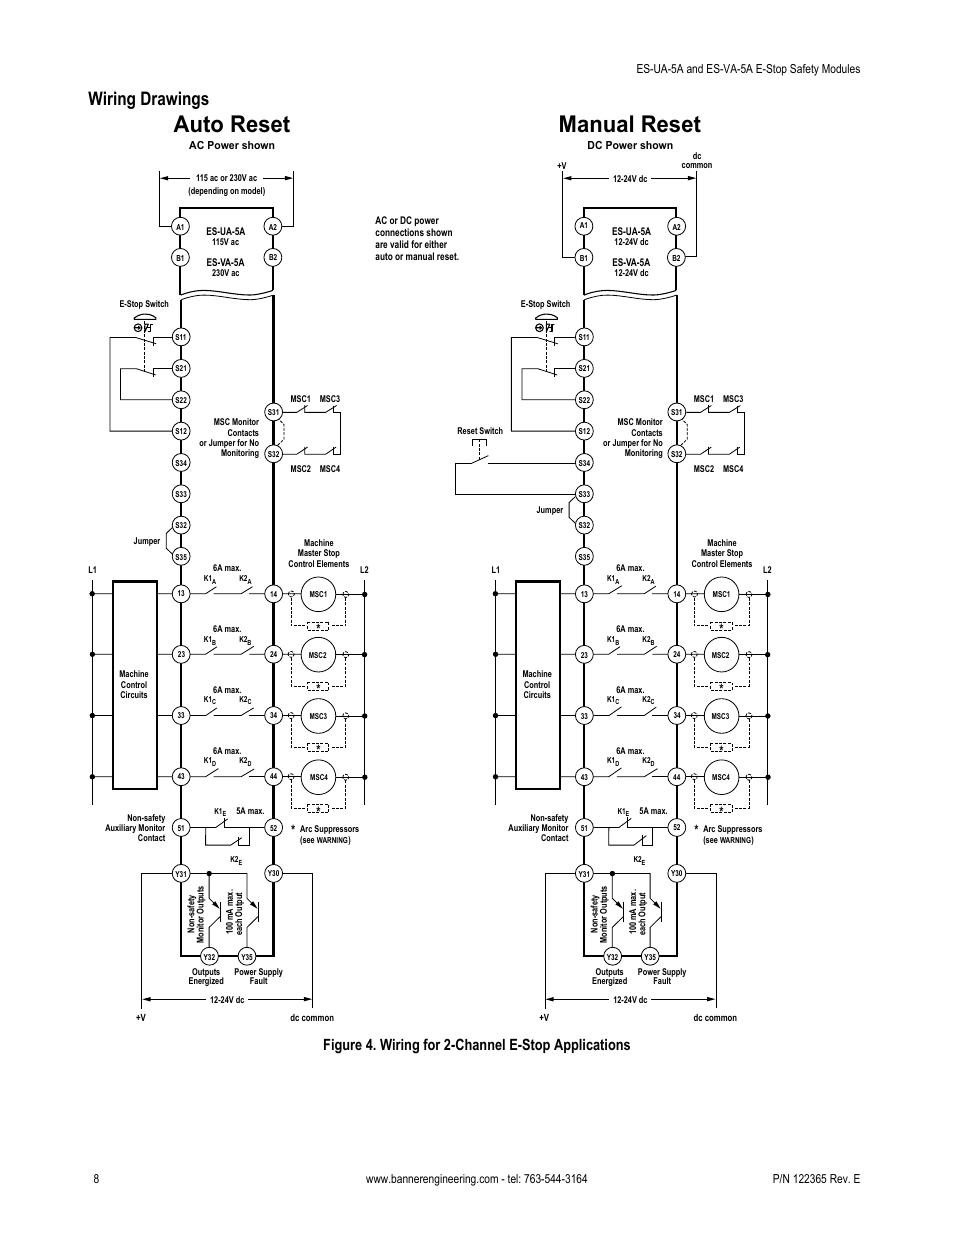 medium resolution of manual reset wiring diagram wiring diagram meta latching relay with manual reset wiring caroldoey